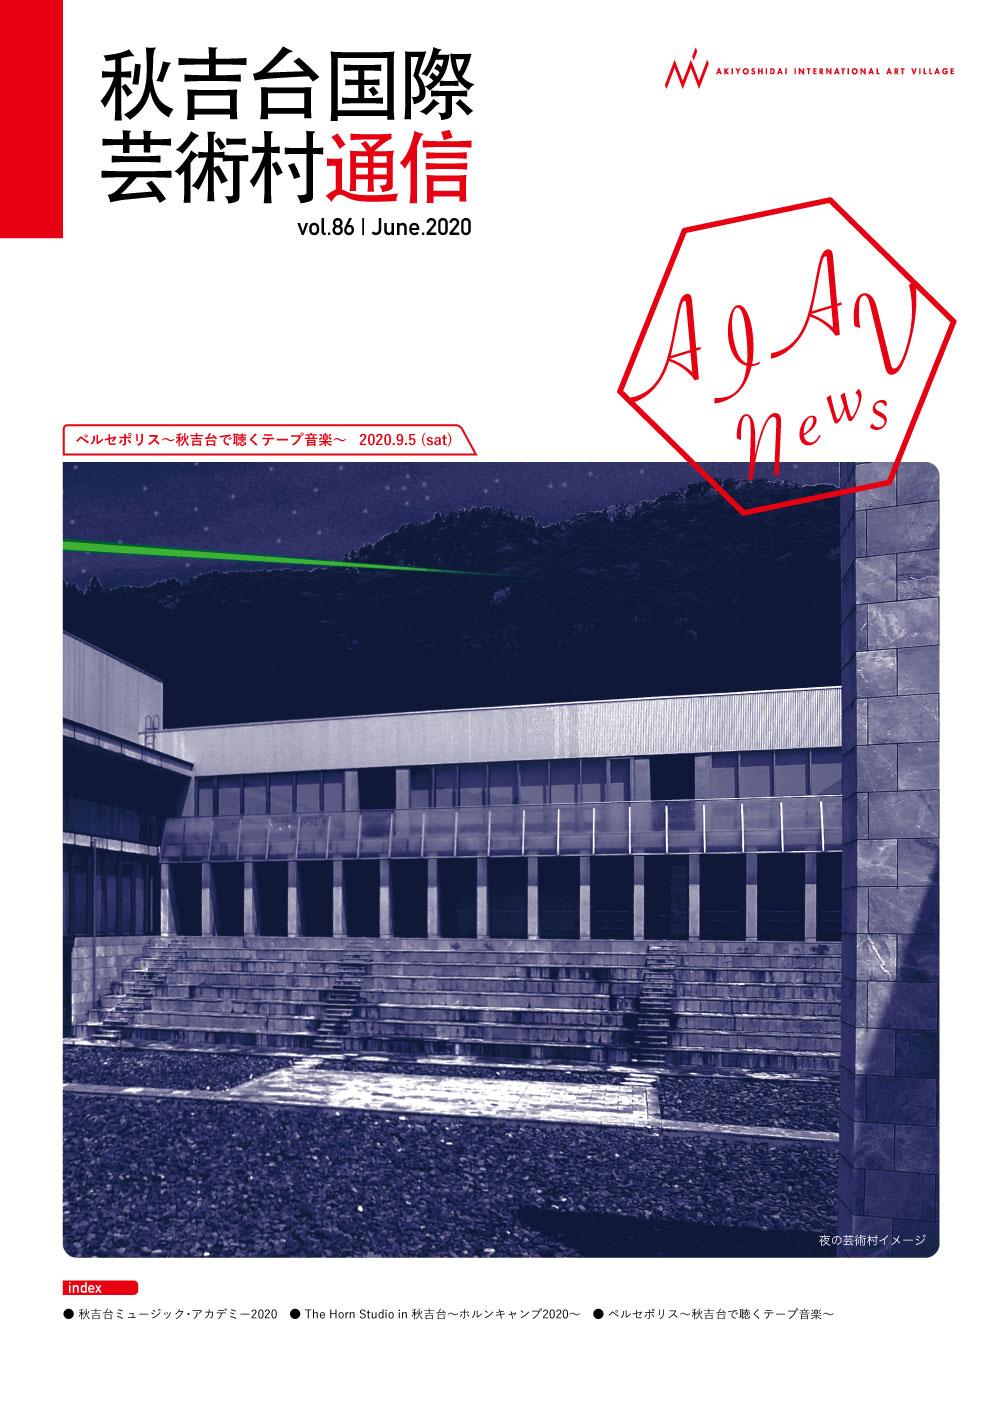 Vol.86(1 June.2020)